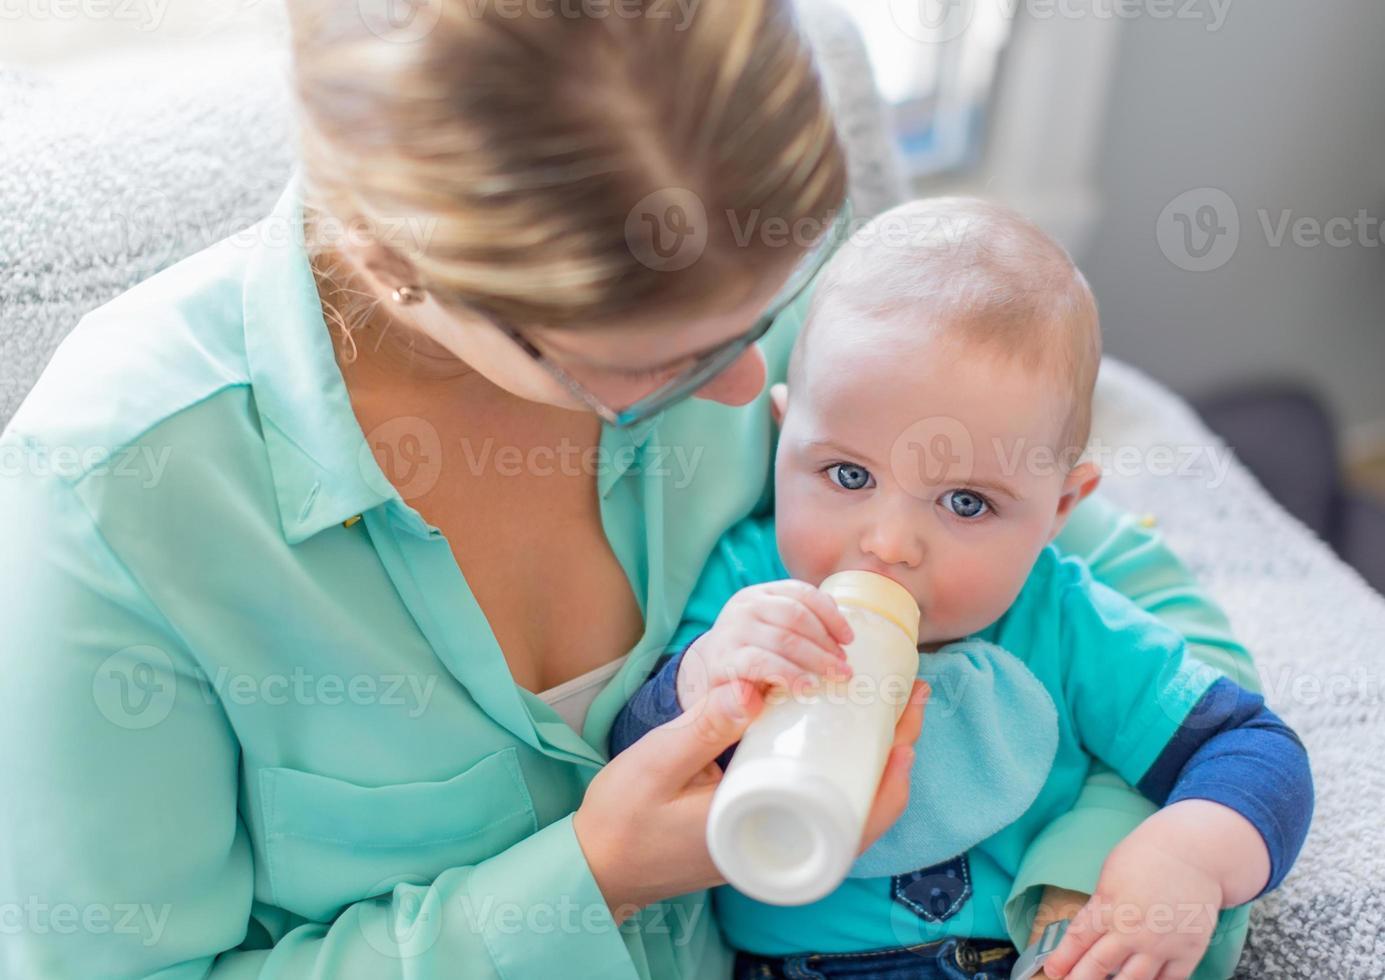 söt baby brinking från en flaska foto